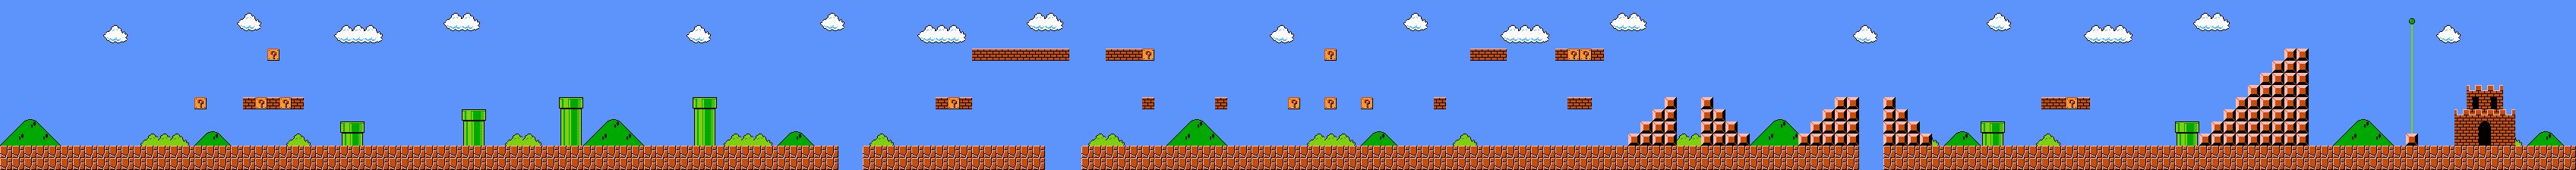 Drawn pixel art mario level 1 episode image: 2: map